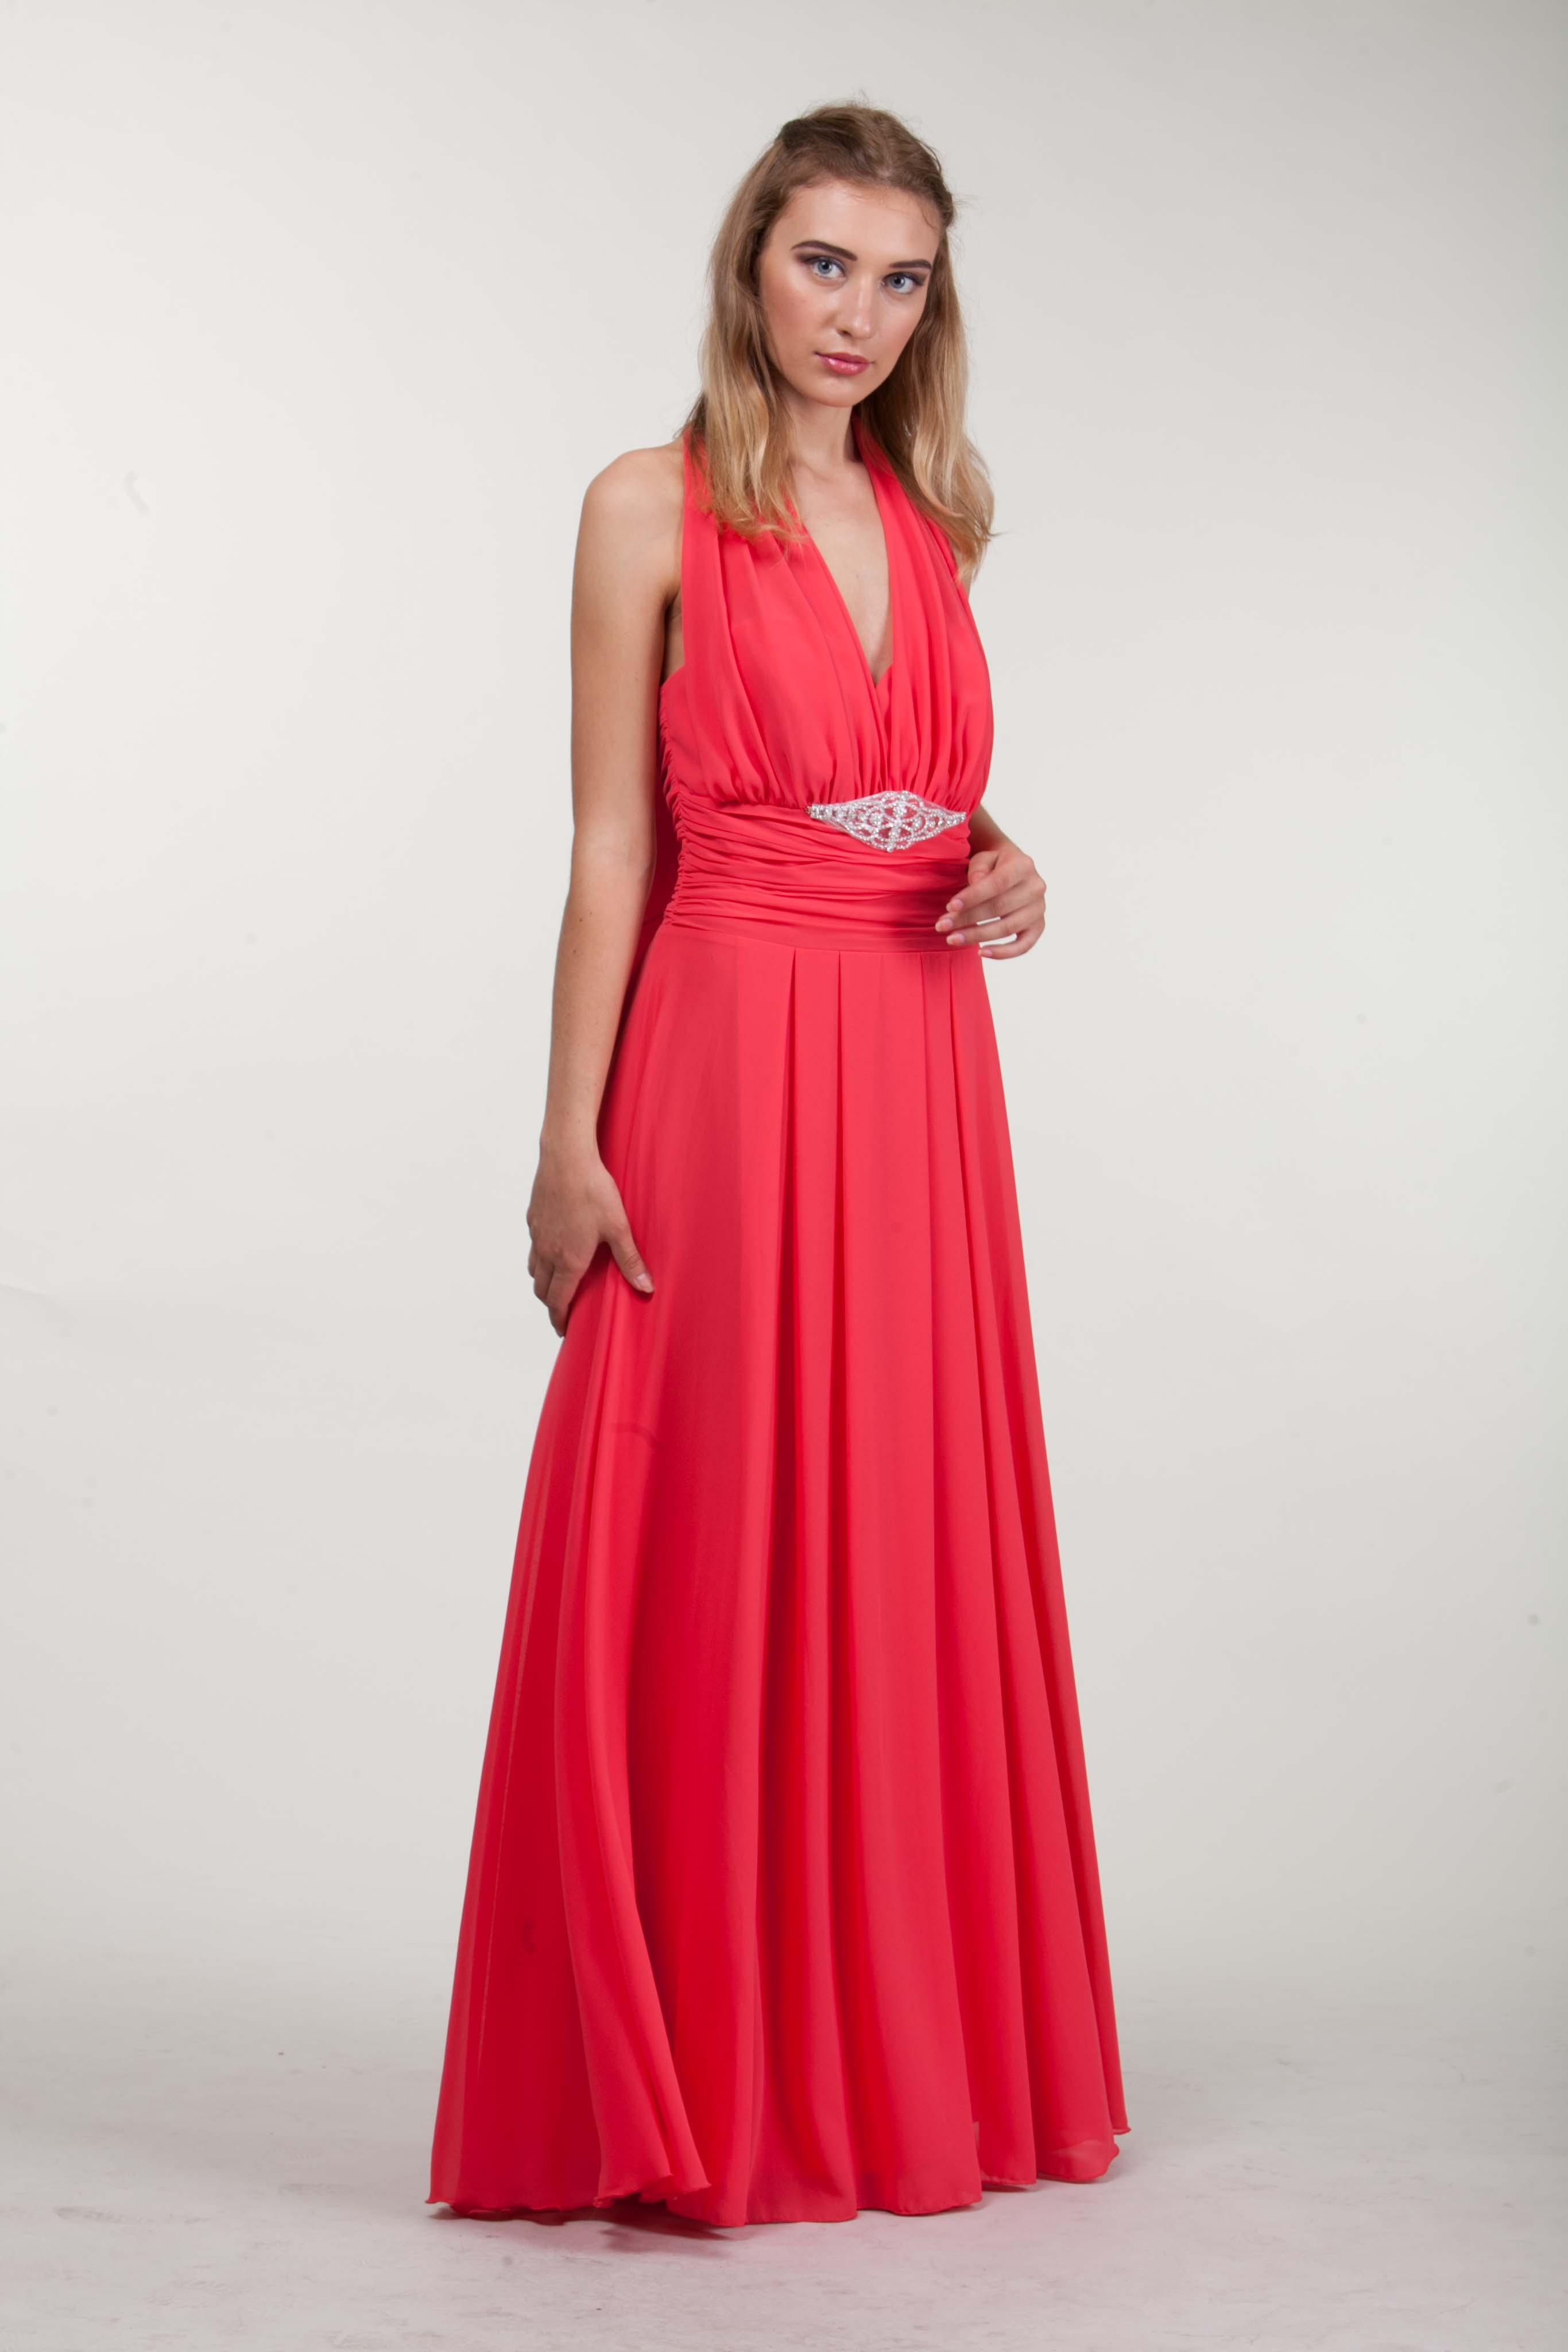 длинное платье кораллового цвета фото